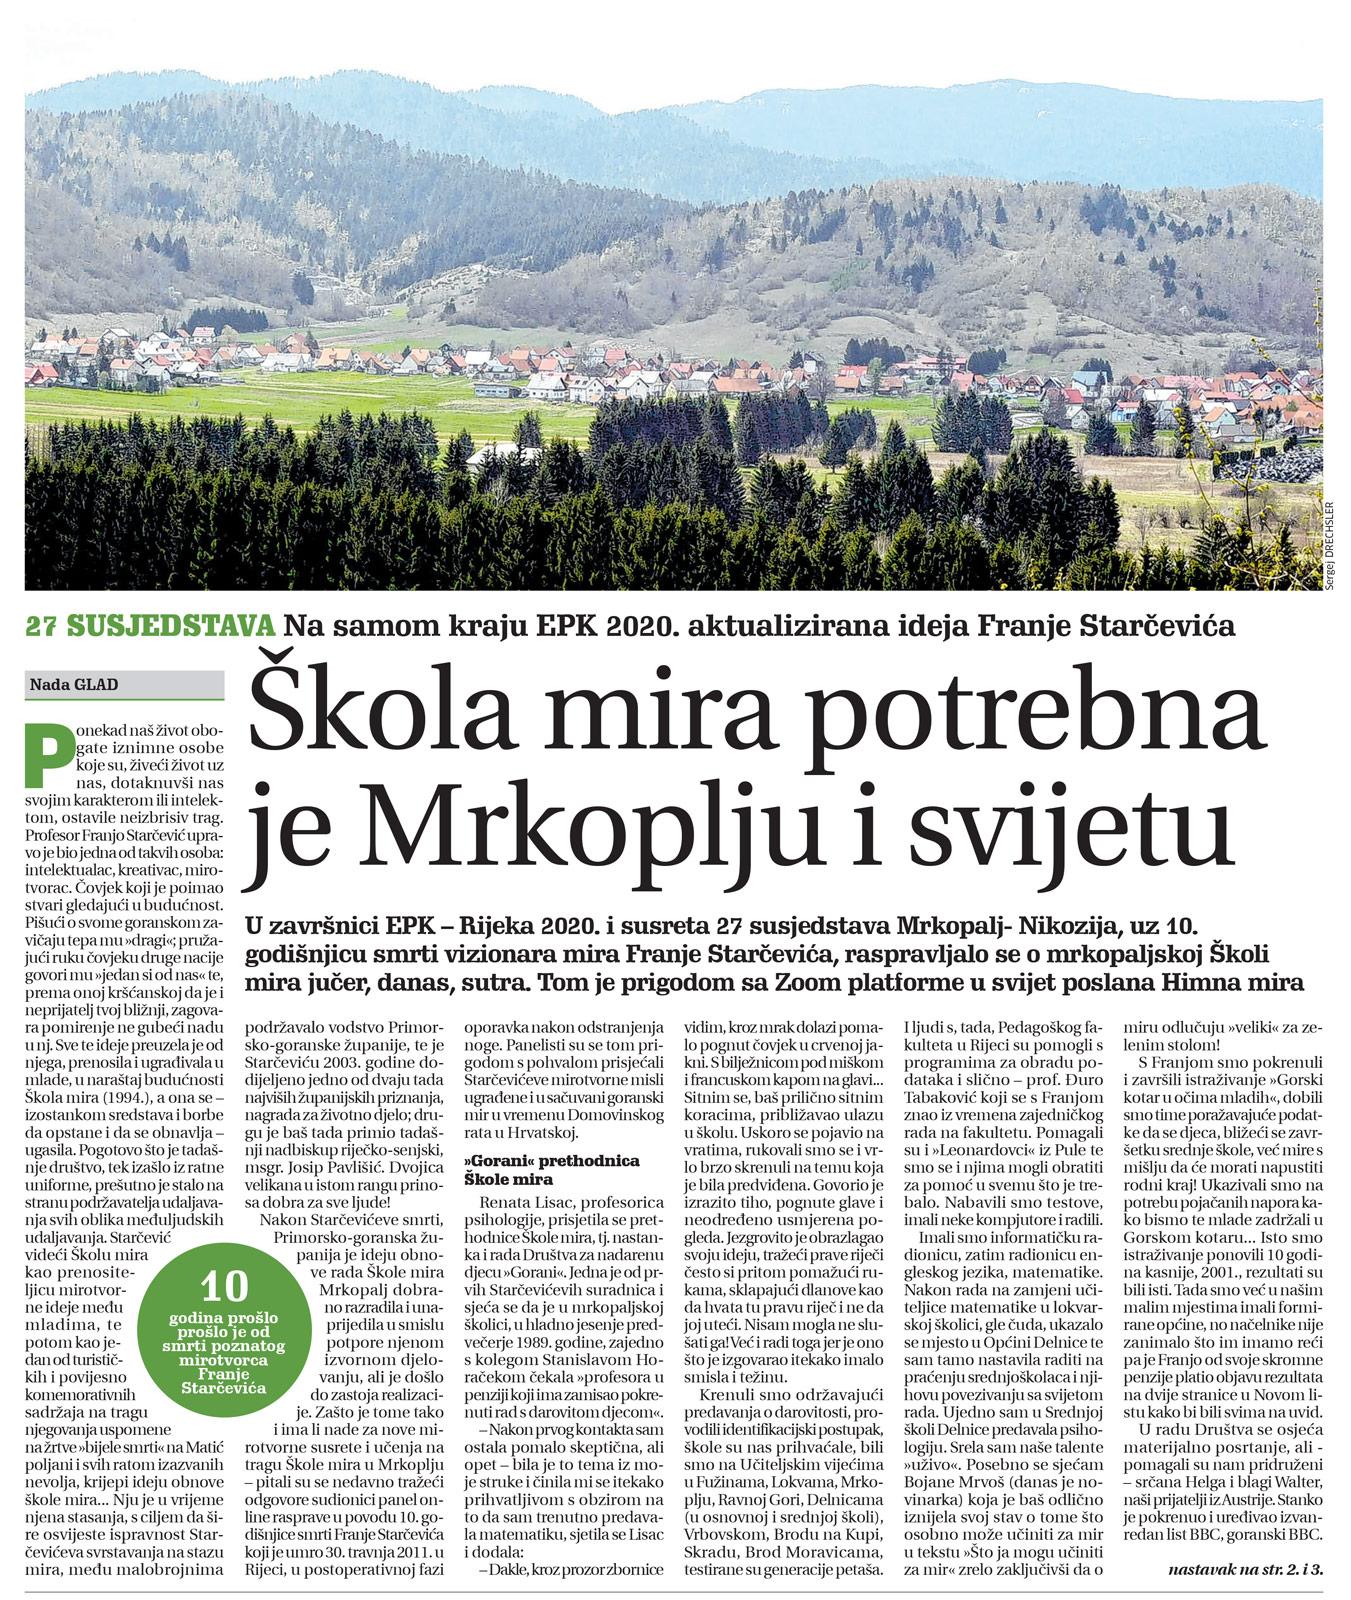 članak, goranski novi list, škola mira